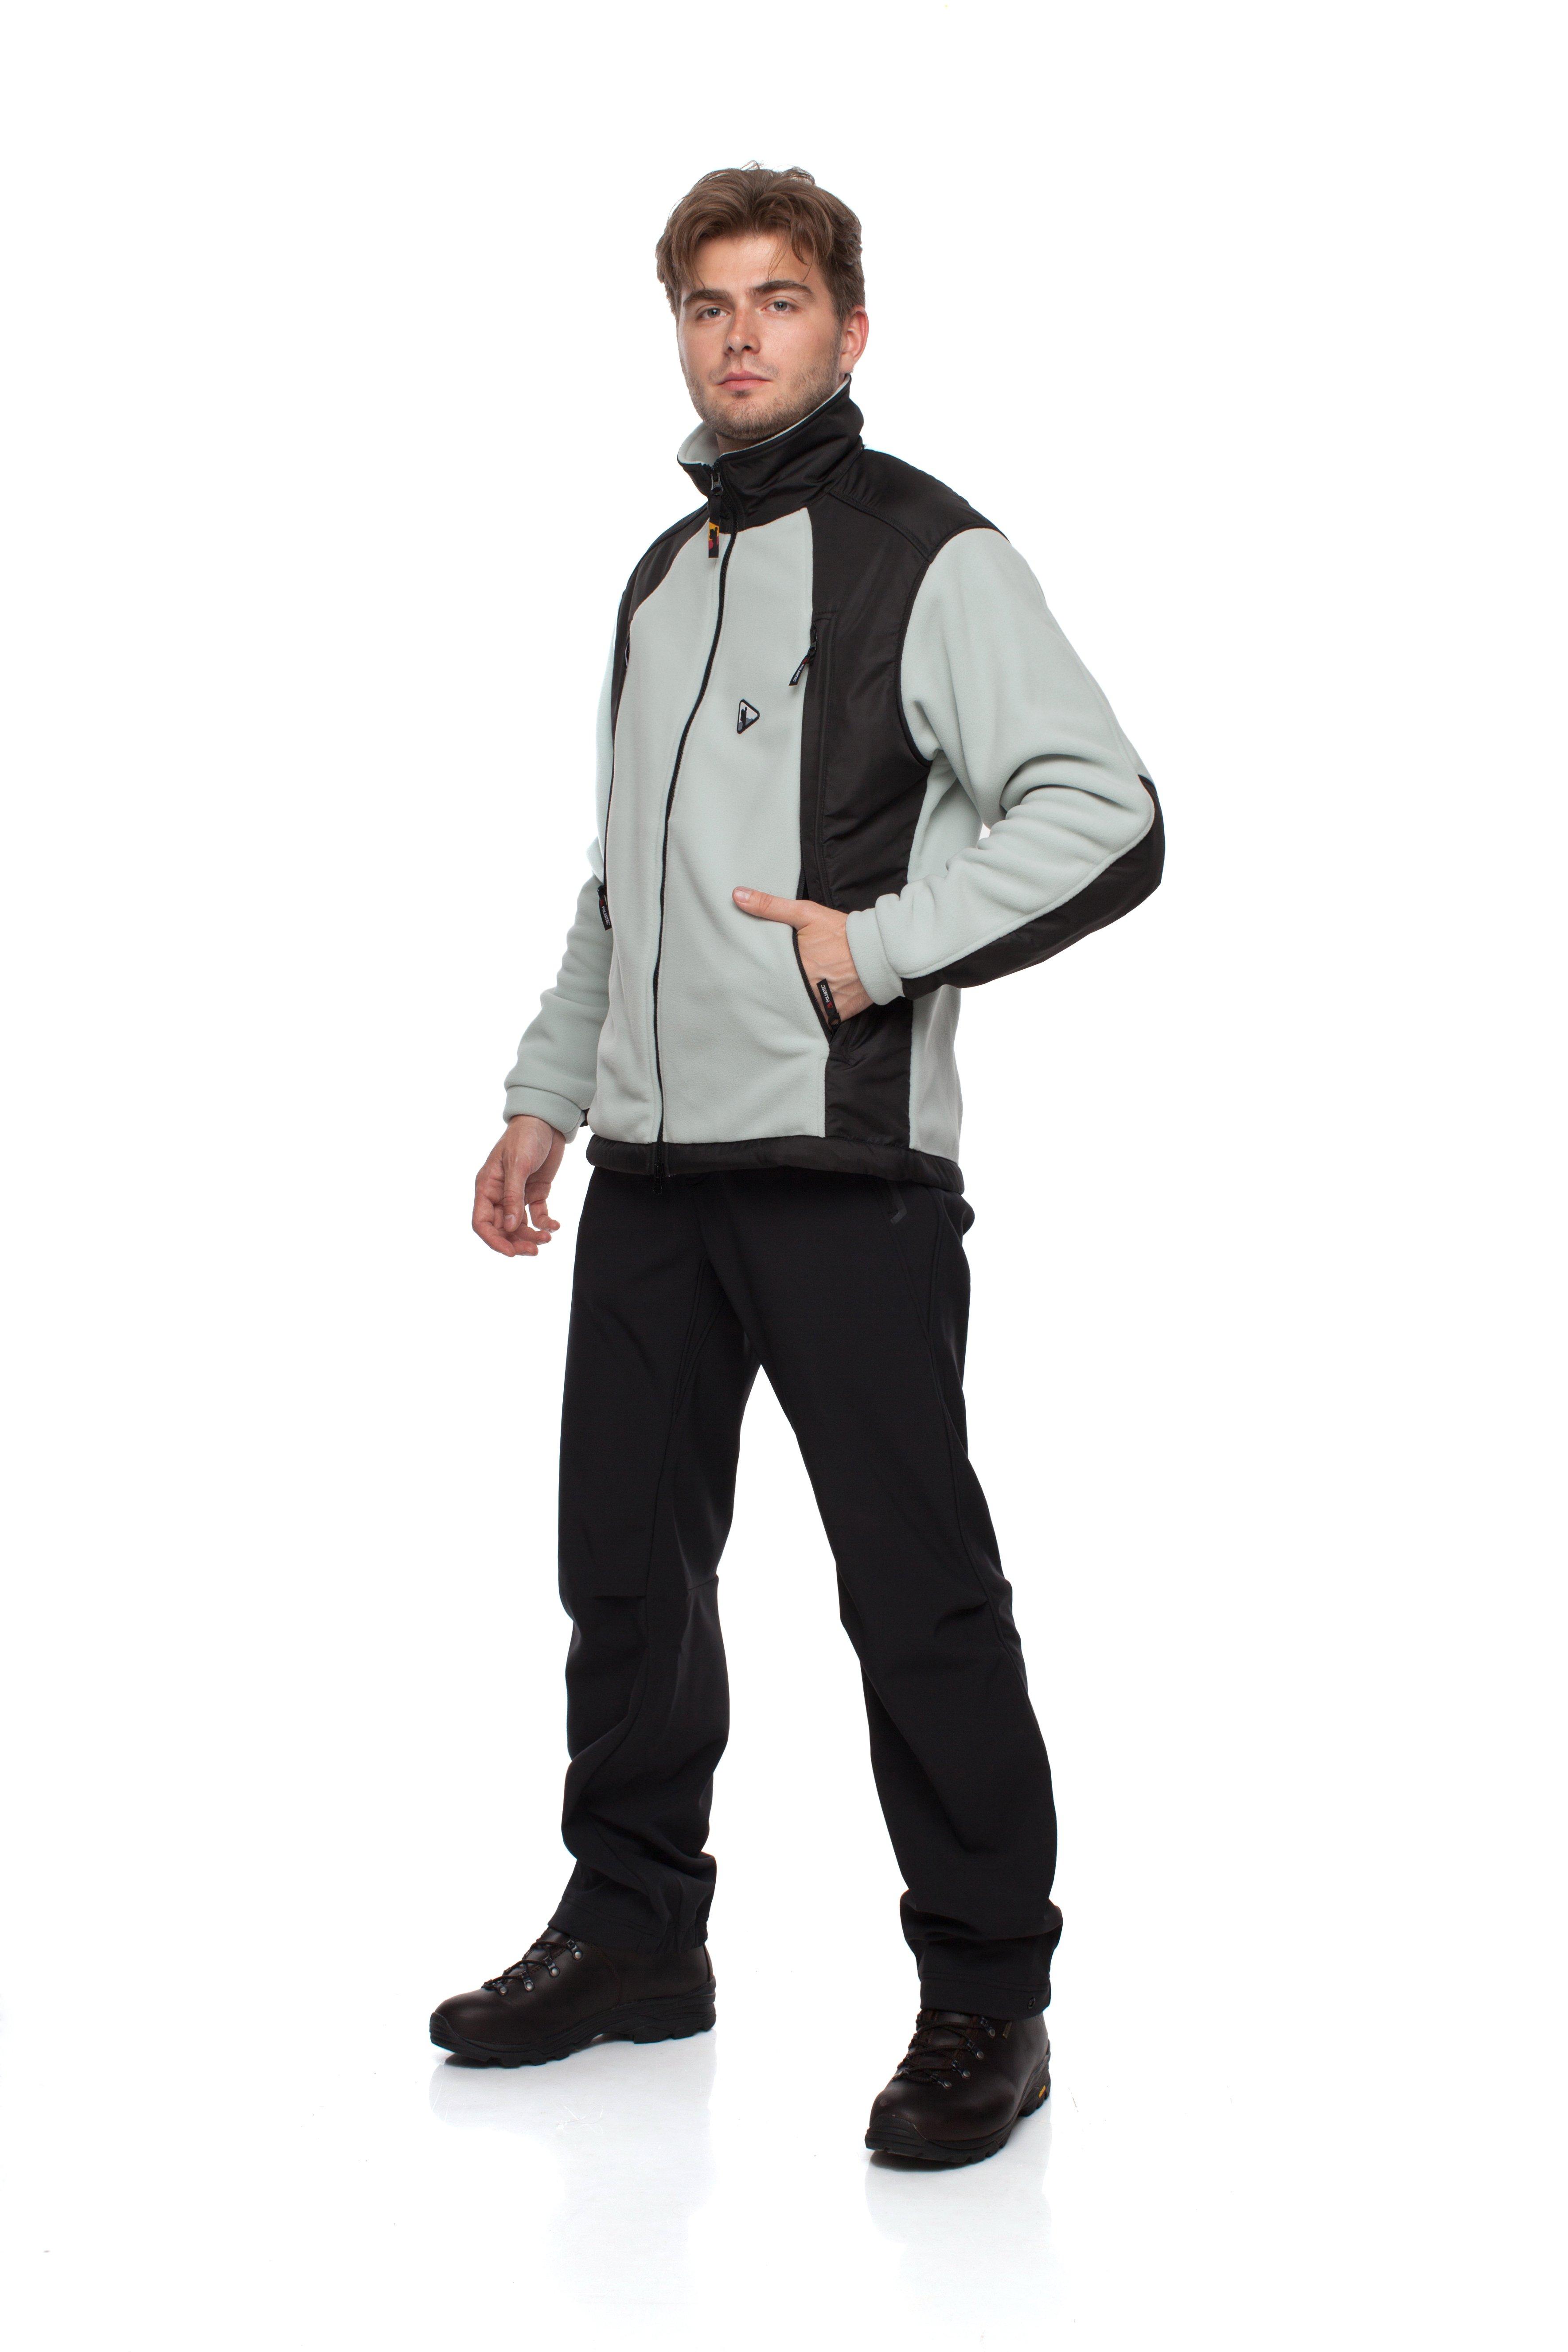 Куртка BASK GULFSTREAM V2 2041bУниверсальная куртка из ткани Polartec&amp;reg; Thermal Pro&amp;reg;. Отлично приспособлена для путешествий, эффектно смотрится в городских условиях.<br><br>Боковые карманы: 2<br>Вес граммы: 743<br>Ветрозащитная планка: Да<br>Внутренние карманы: 1<br>Материал: Polartec® Thermal Pro®<br>Материал усиления: Nylon Tactel ®<br>Нагрудные карманы: Нет<br>Пол: Мужской<br>Регулировка вентиляции: Да<br>Регулировка низа: Да<br>Регулируемые вентиляционные отверстия: Да<br>Тип молнии: Двухзамковая<br>Усиление контактных зон: Да<br>Размер INT: L<br>Цвет: КРАСНЫЙ